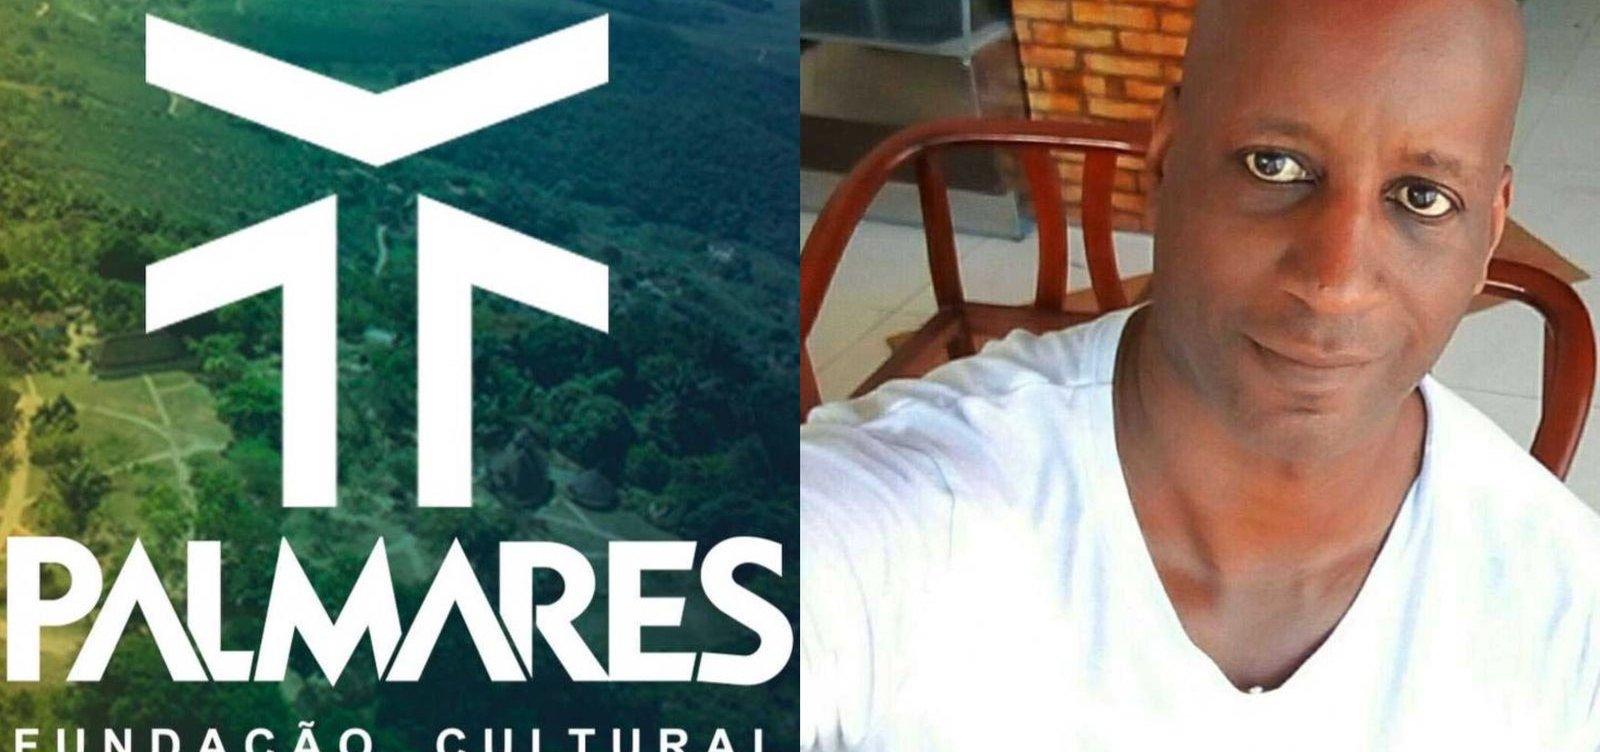 Sem símbolo sagrado do candomblé, Fundação Palmares abre concurso para novo logotipo